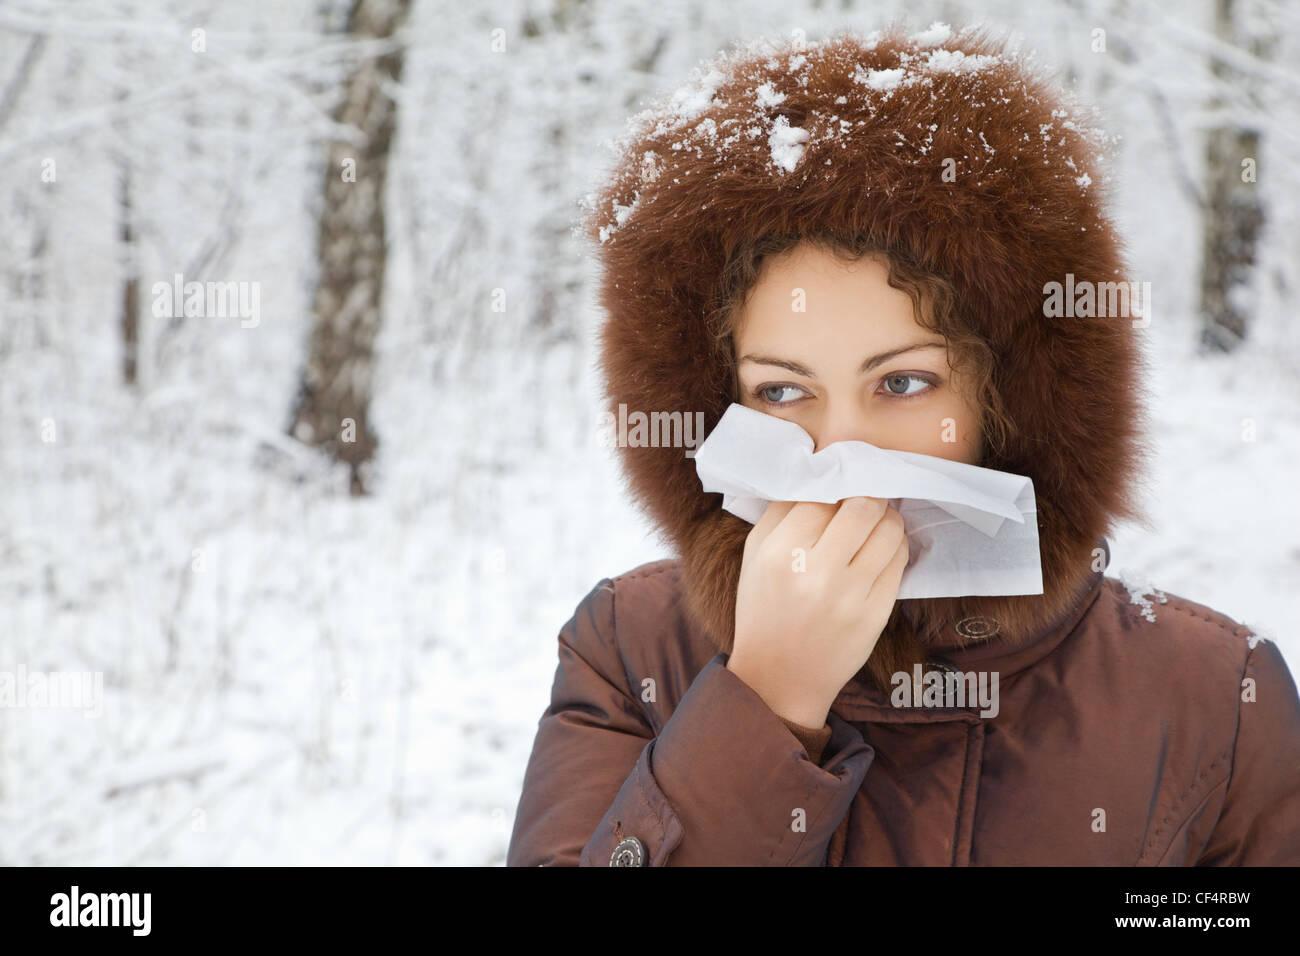 Jeune femme avec foulard blowing nose dans le bois en hiver Photo Stock